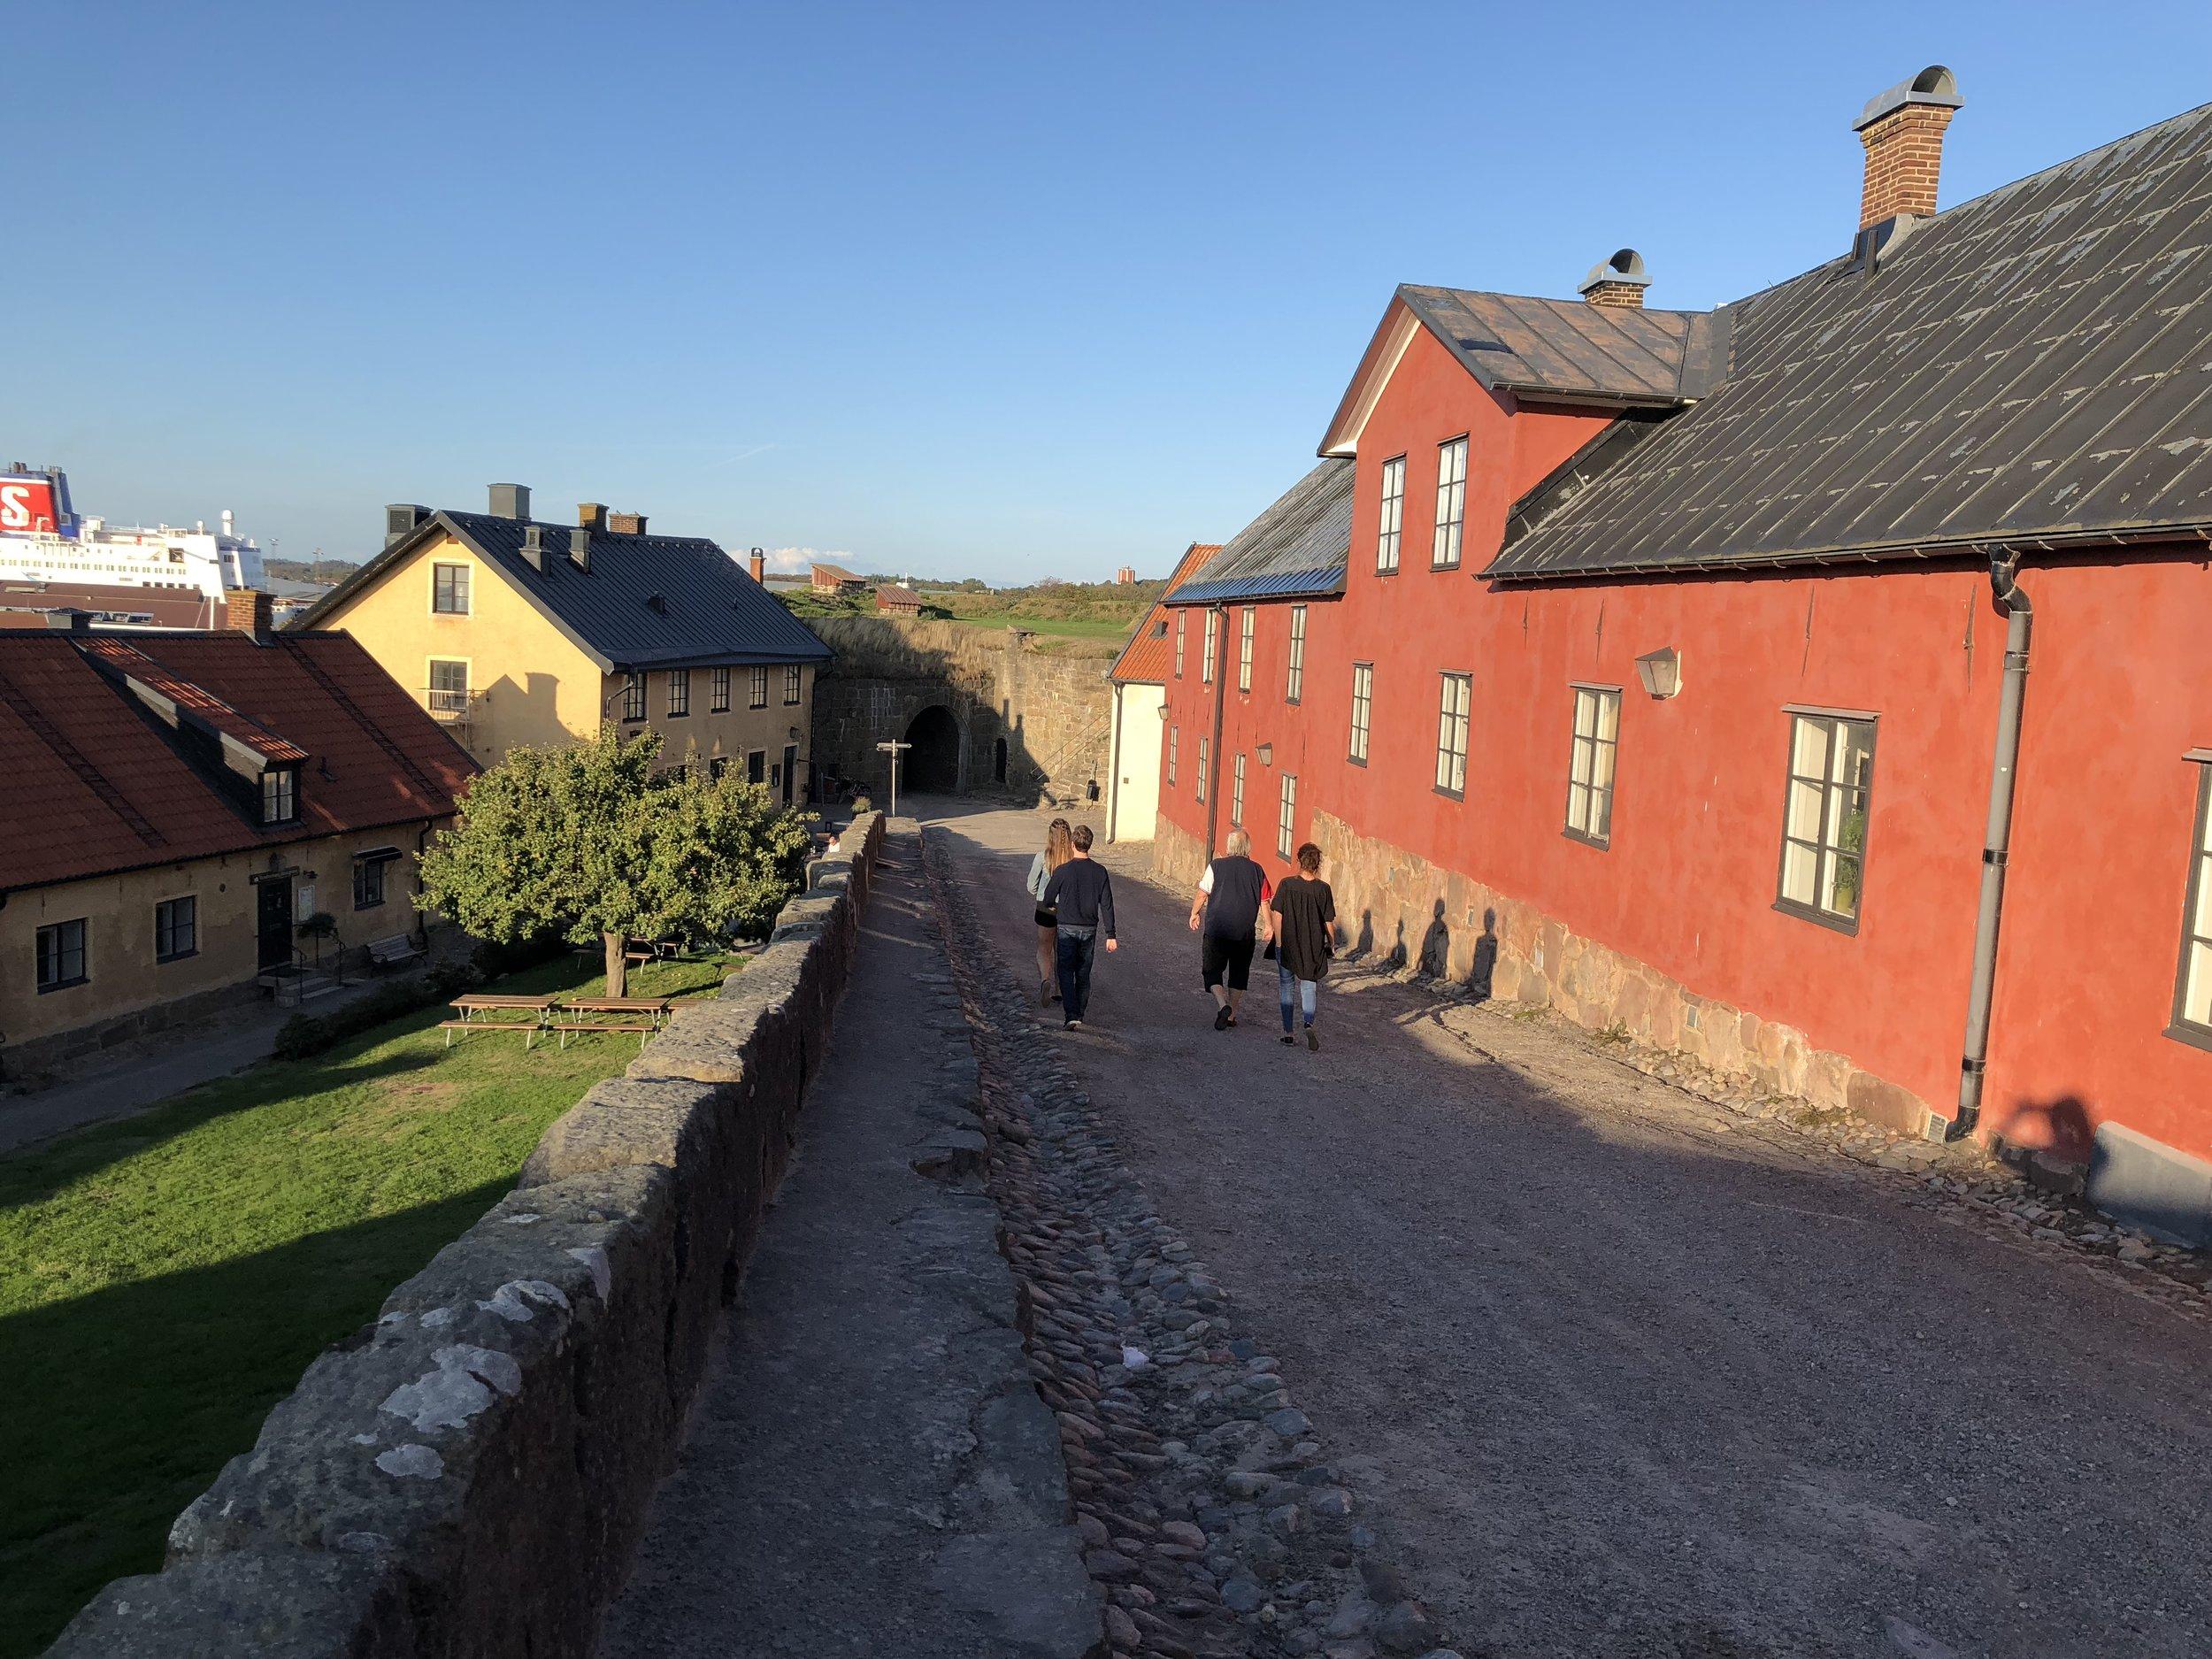 Walking tour of Varberg